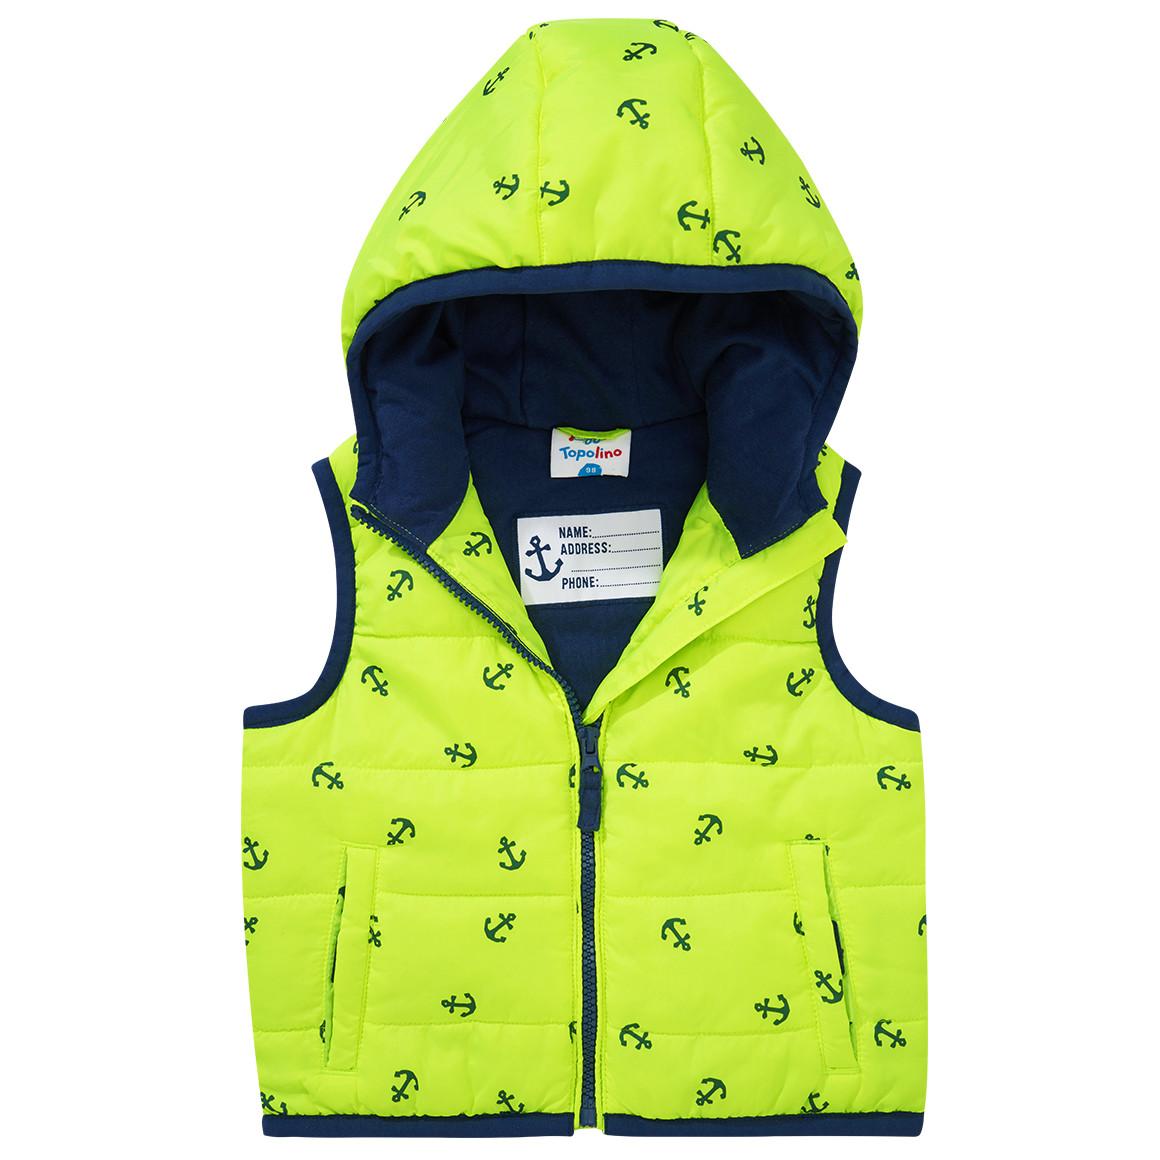 Kinder Jungen Weste Jacke Steppweste Reißverschluss Neon Gelb Schwarz